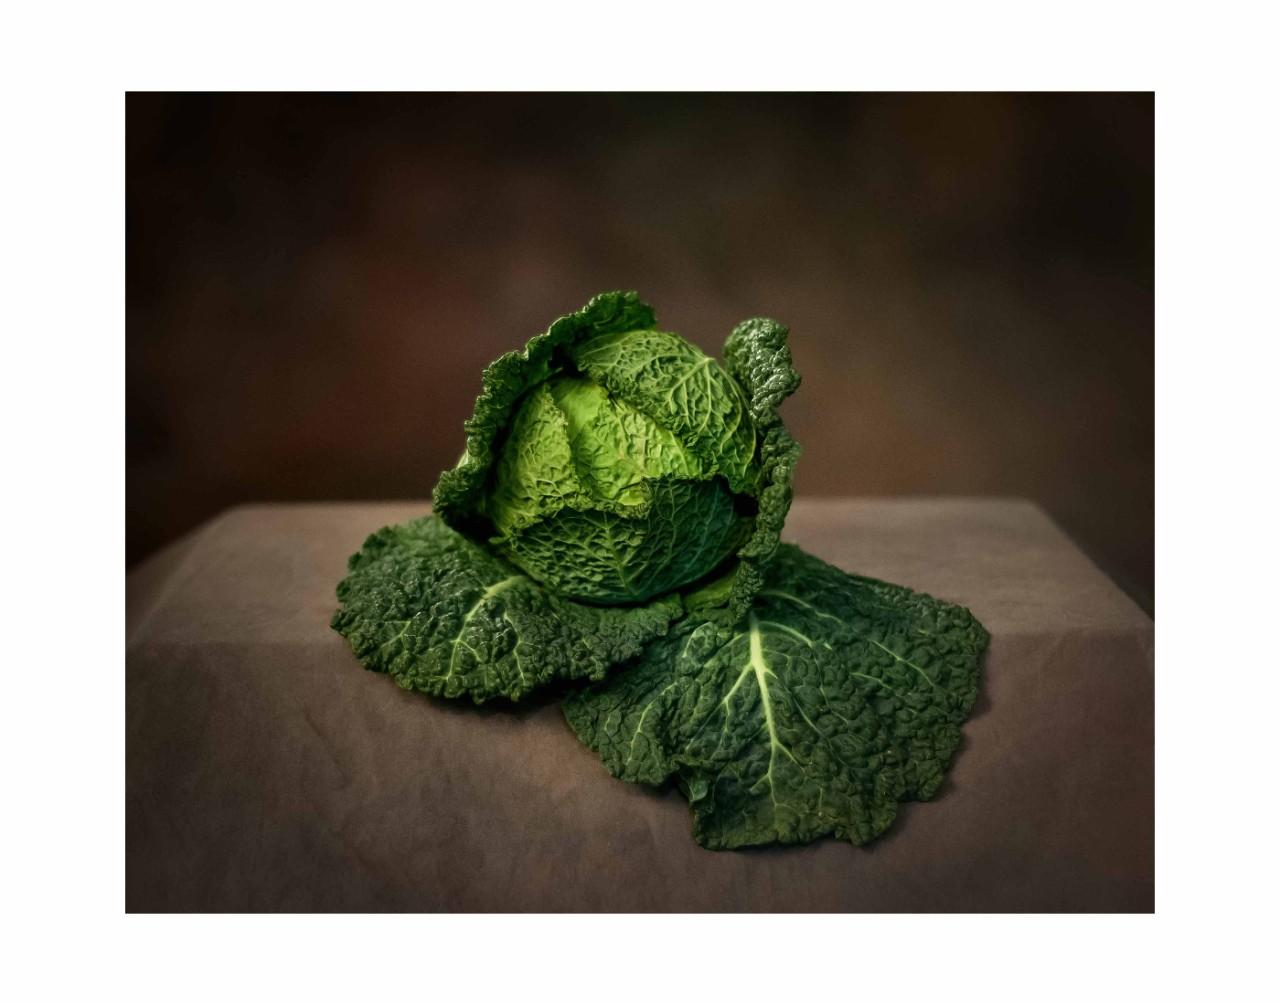 """2. Portrait of Cabbage, color photograph, 11"""" x 14"""" (2013)"""